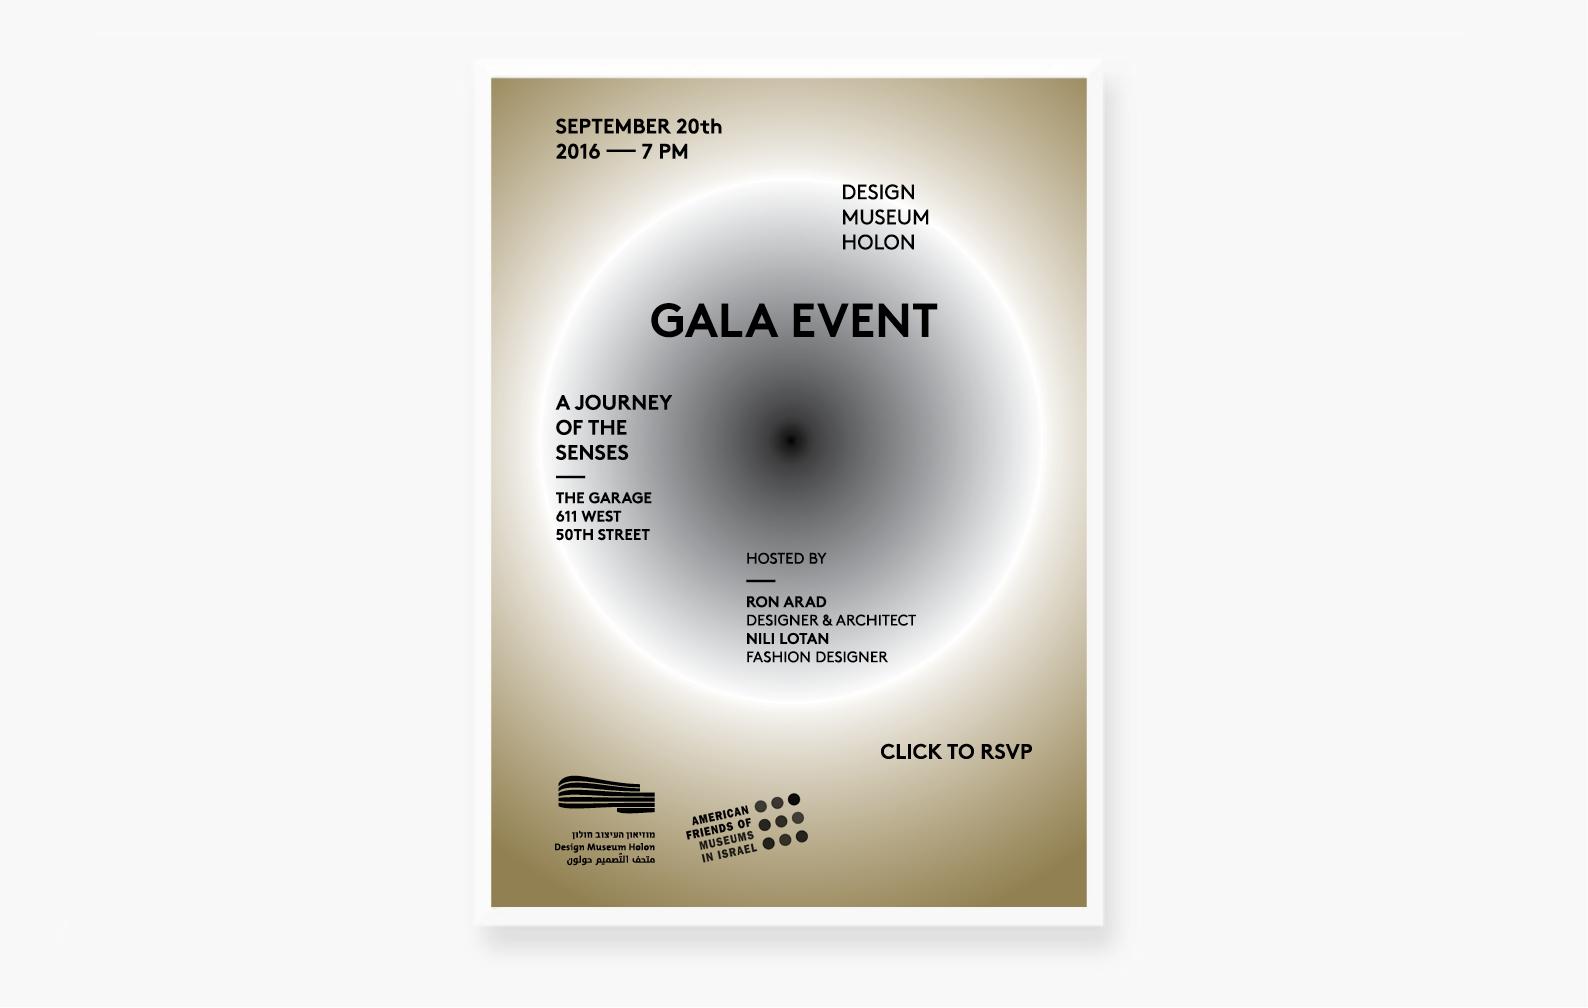 DMH GALA EVENT